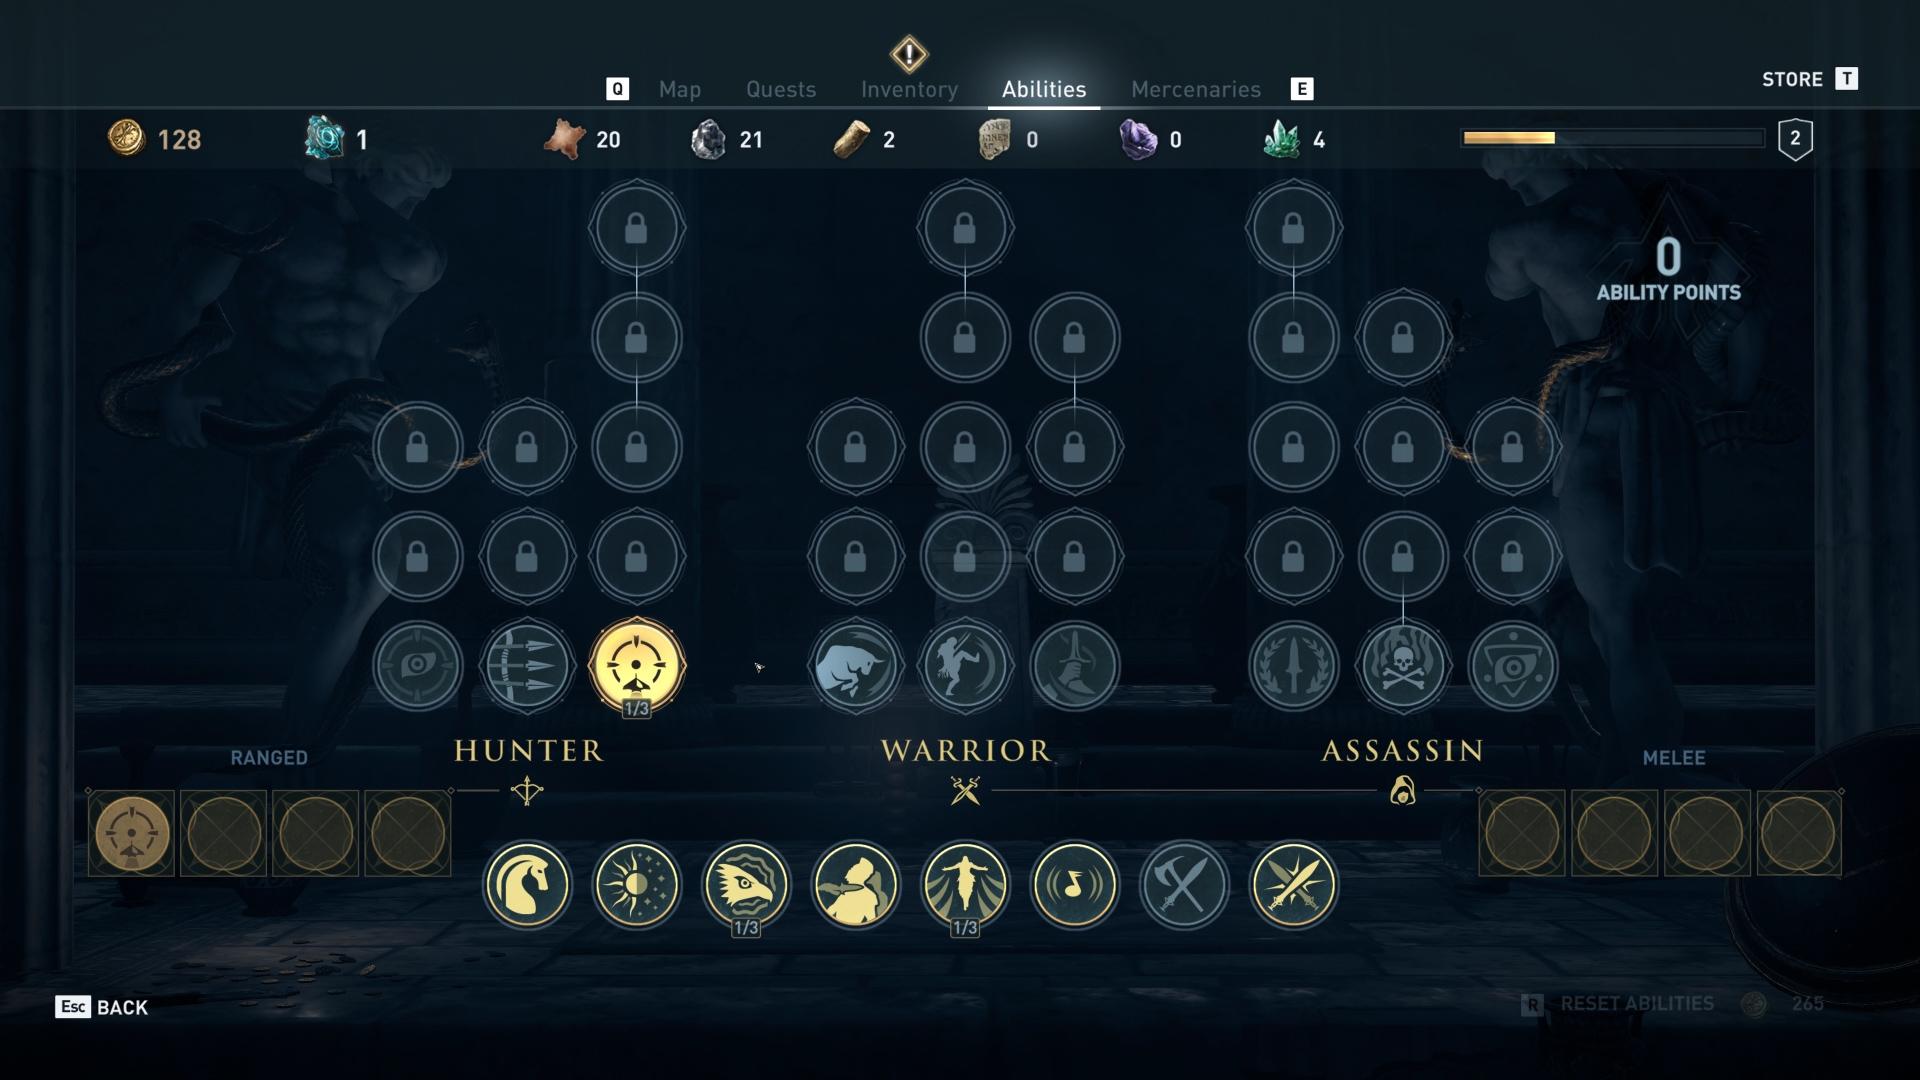 Assassin's Creed  Odyssey 2018.11.27 - 19.17.03.01.01_12_55_19.Still039.jpg